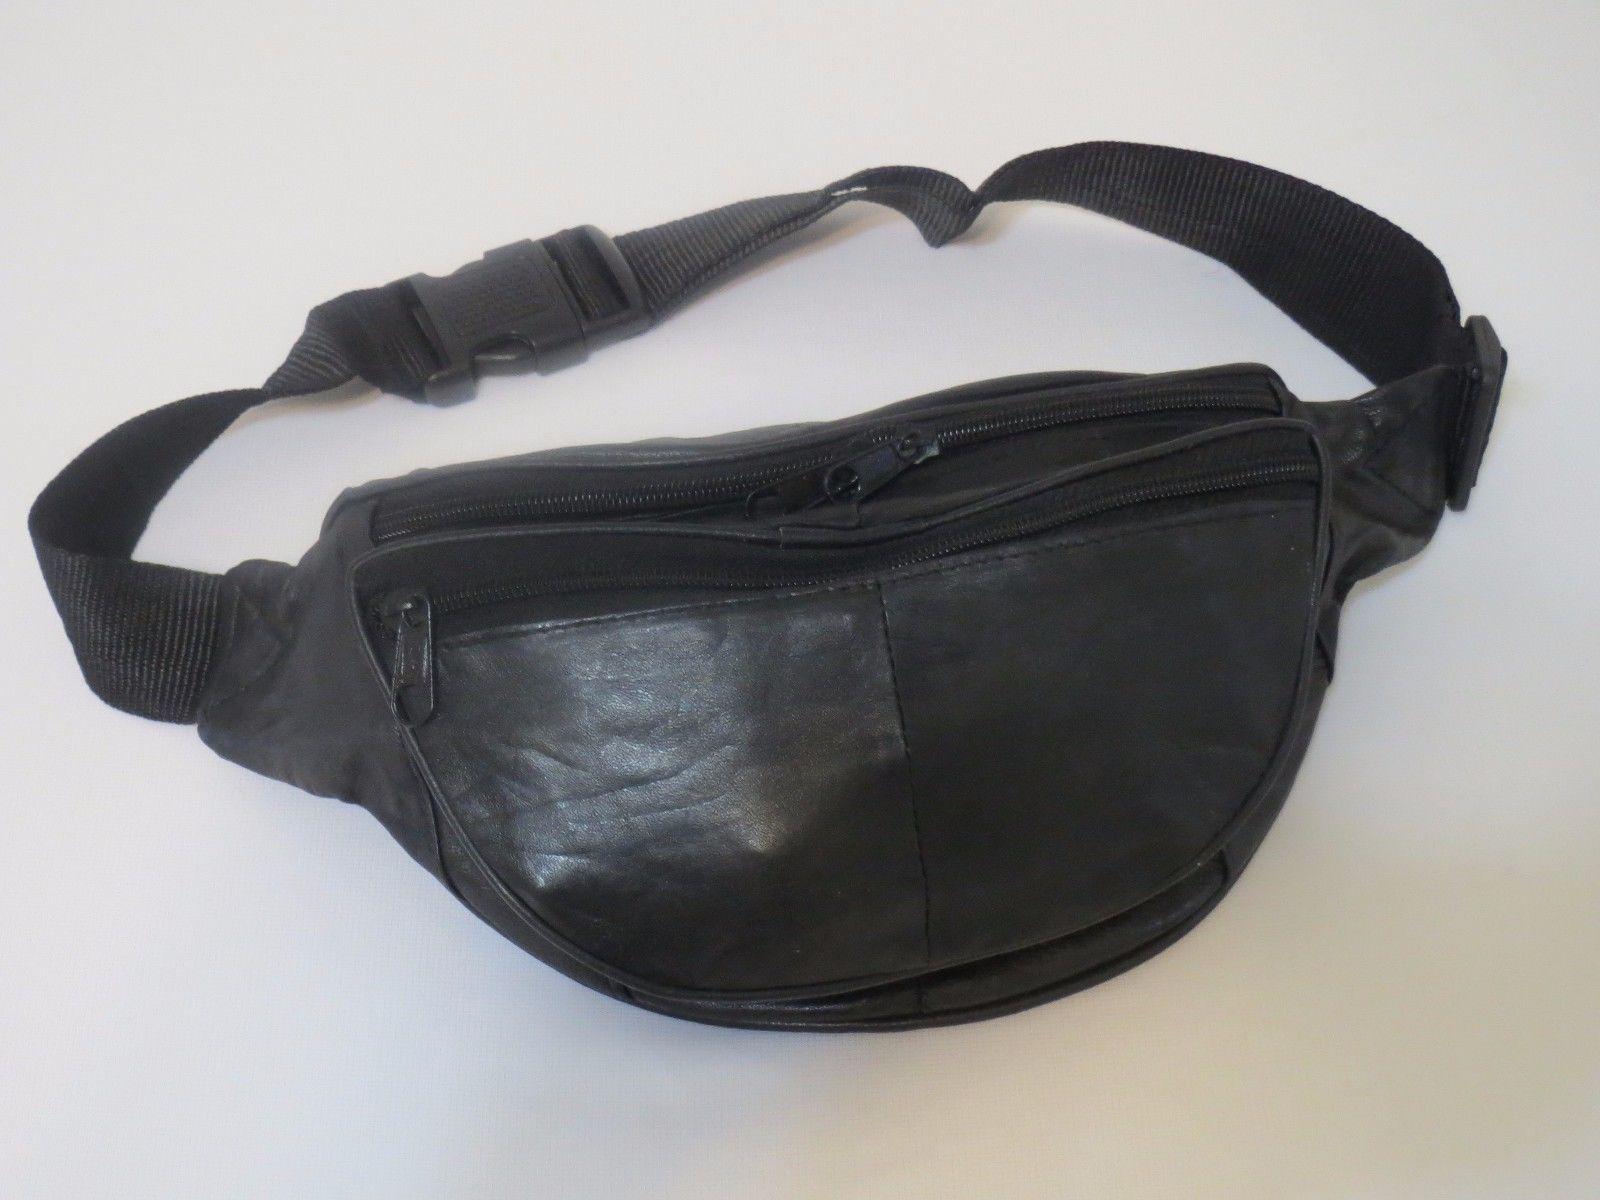 415c2b122a2 Black Genuine Leather Fanny Pack Waist Bag Hip Belt Pouch Travel Purse Men  Women